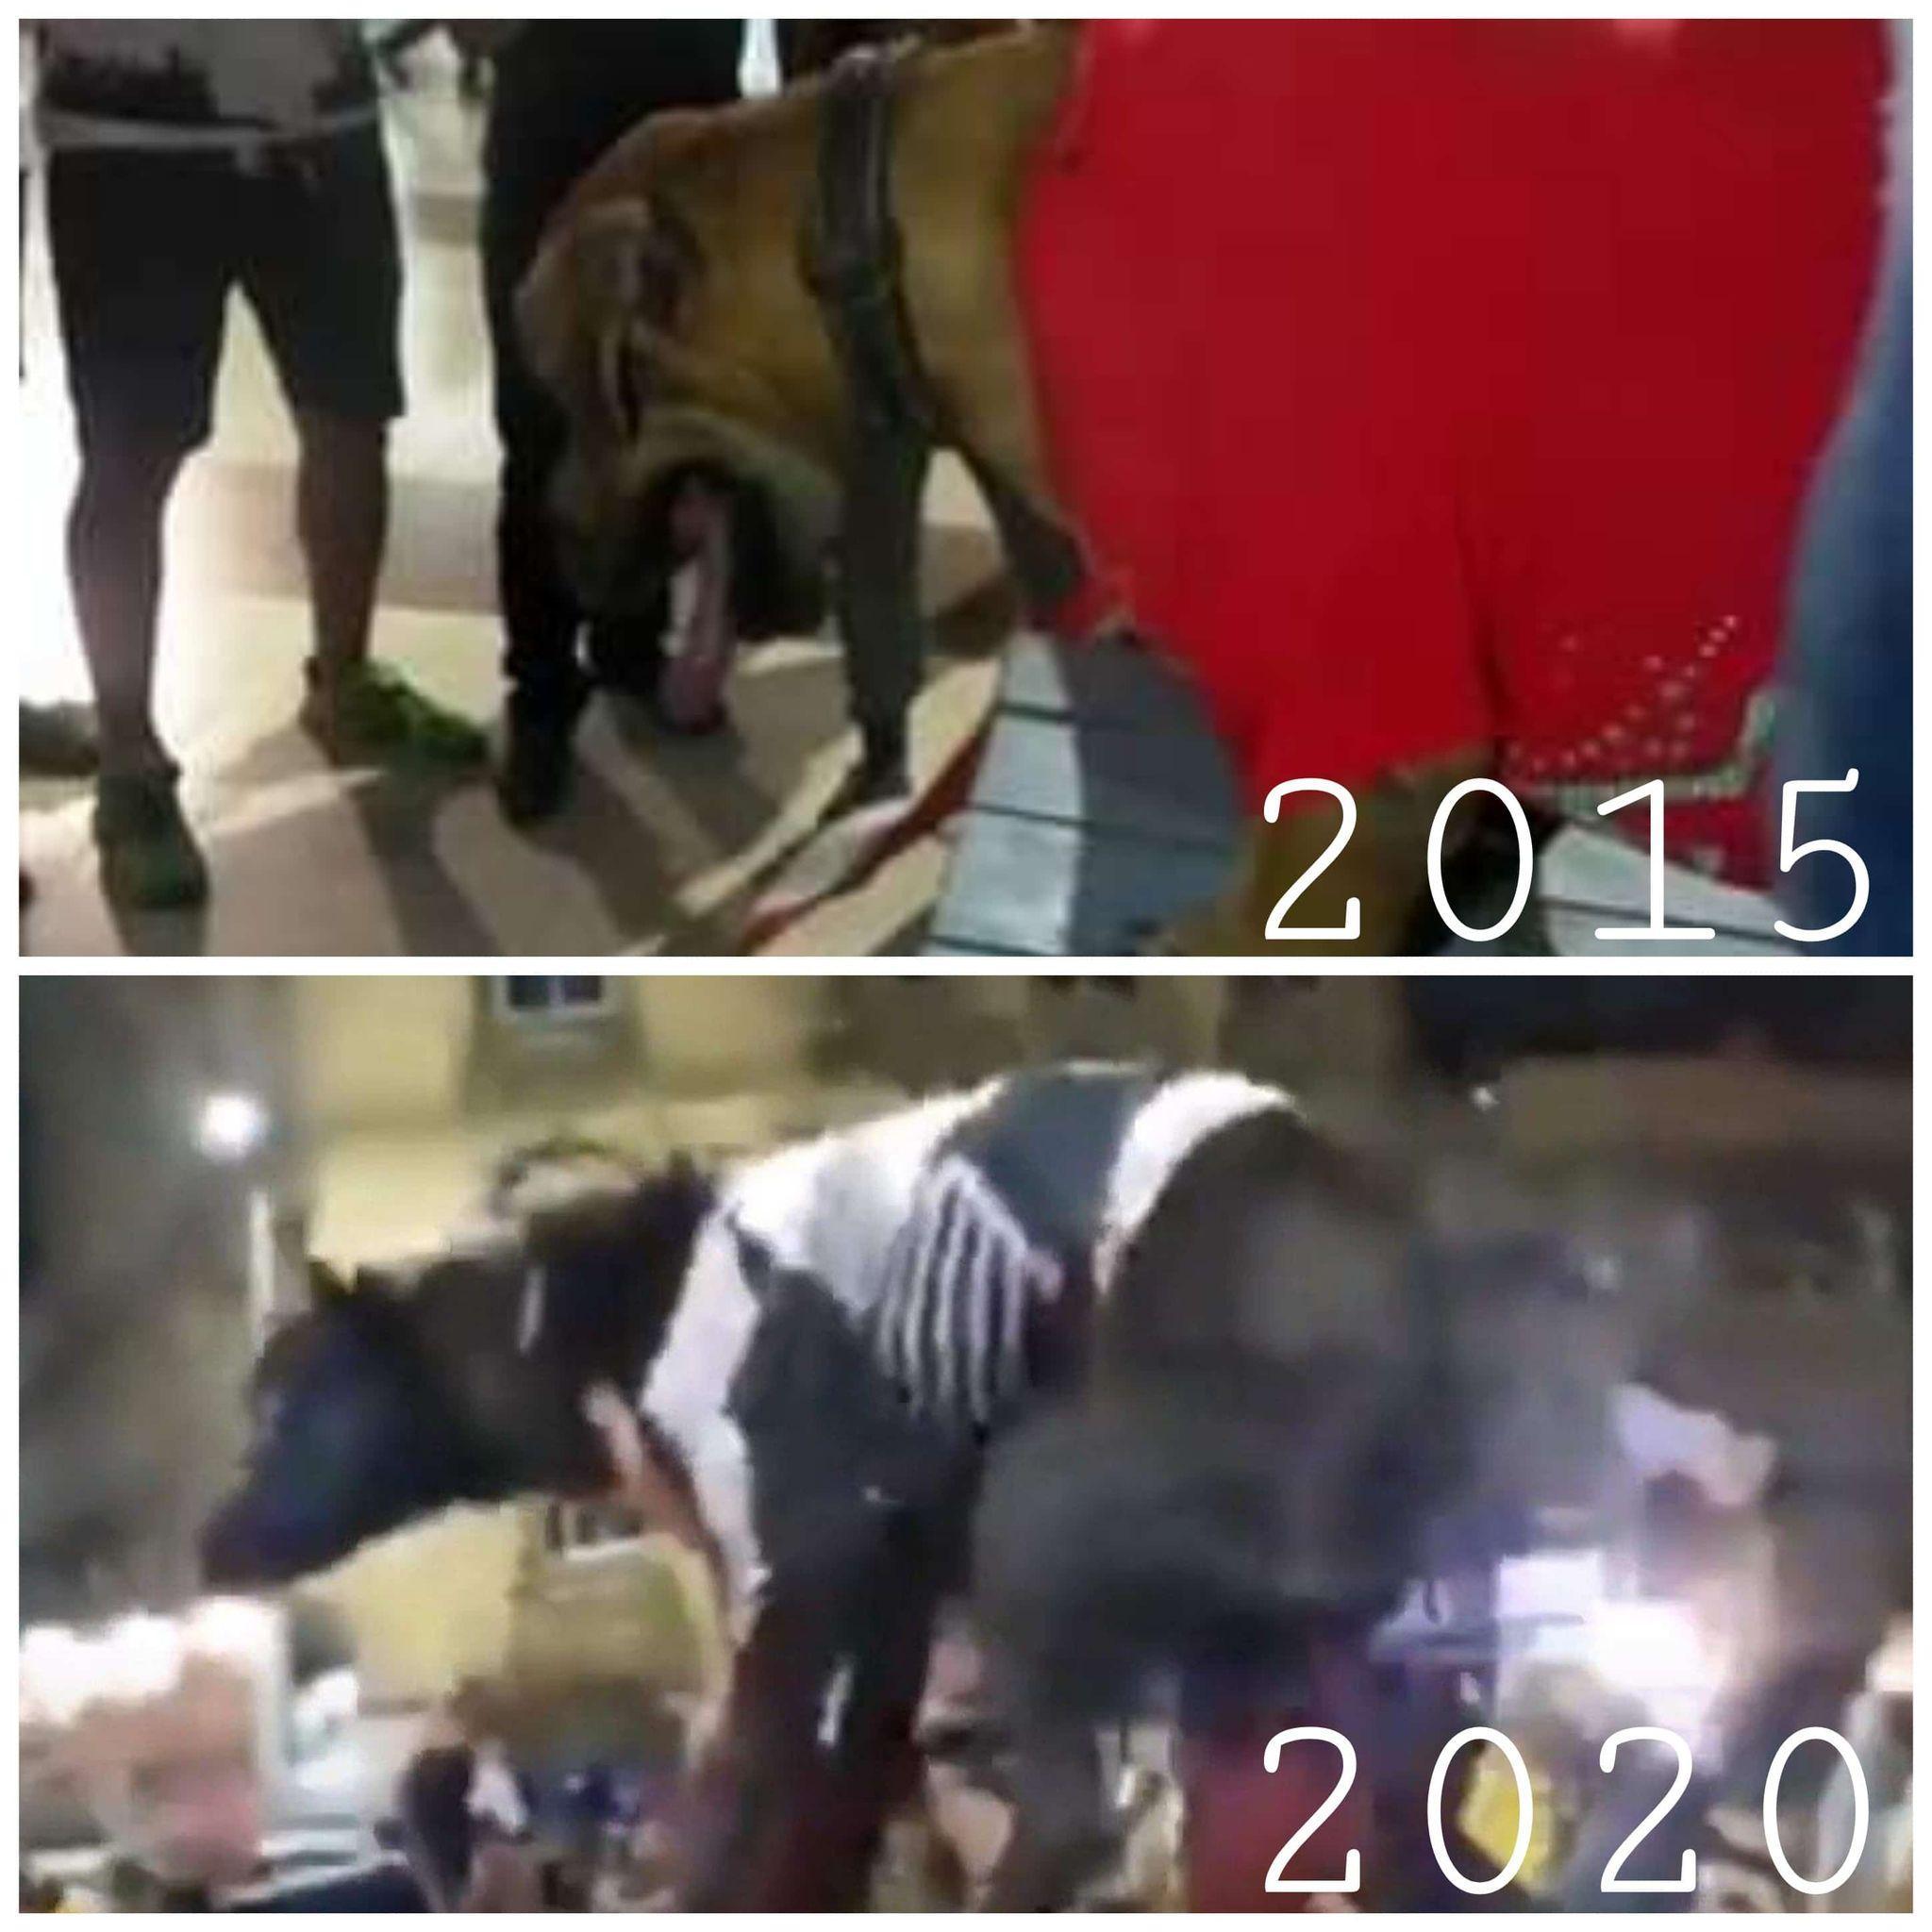 مافعله جماهير الأهلى فى واقعة الكلب كان ردة فعل لما حدث سابقاً مع الزمالك